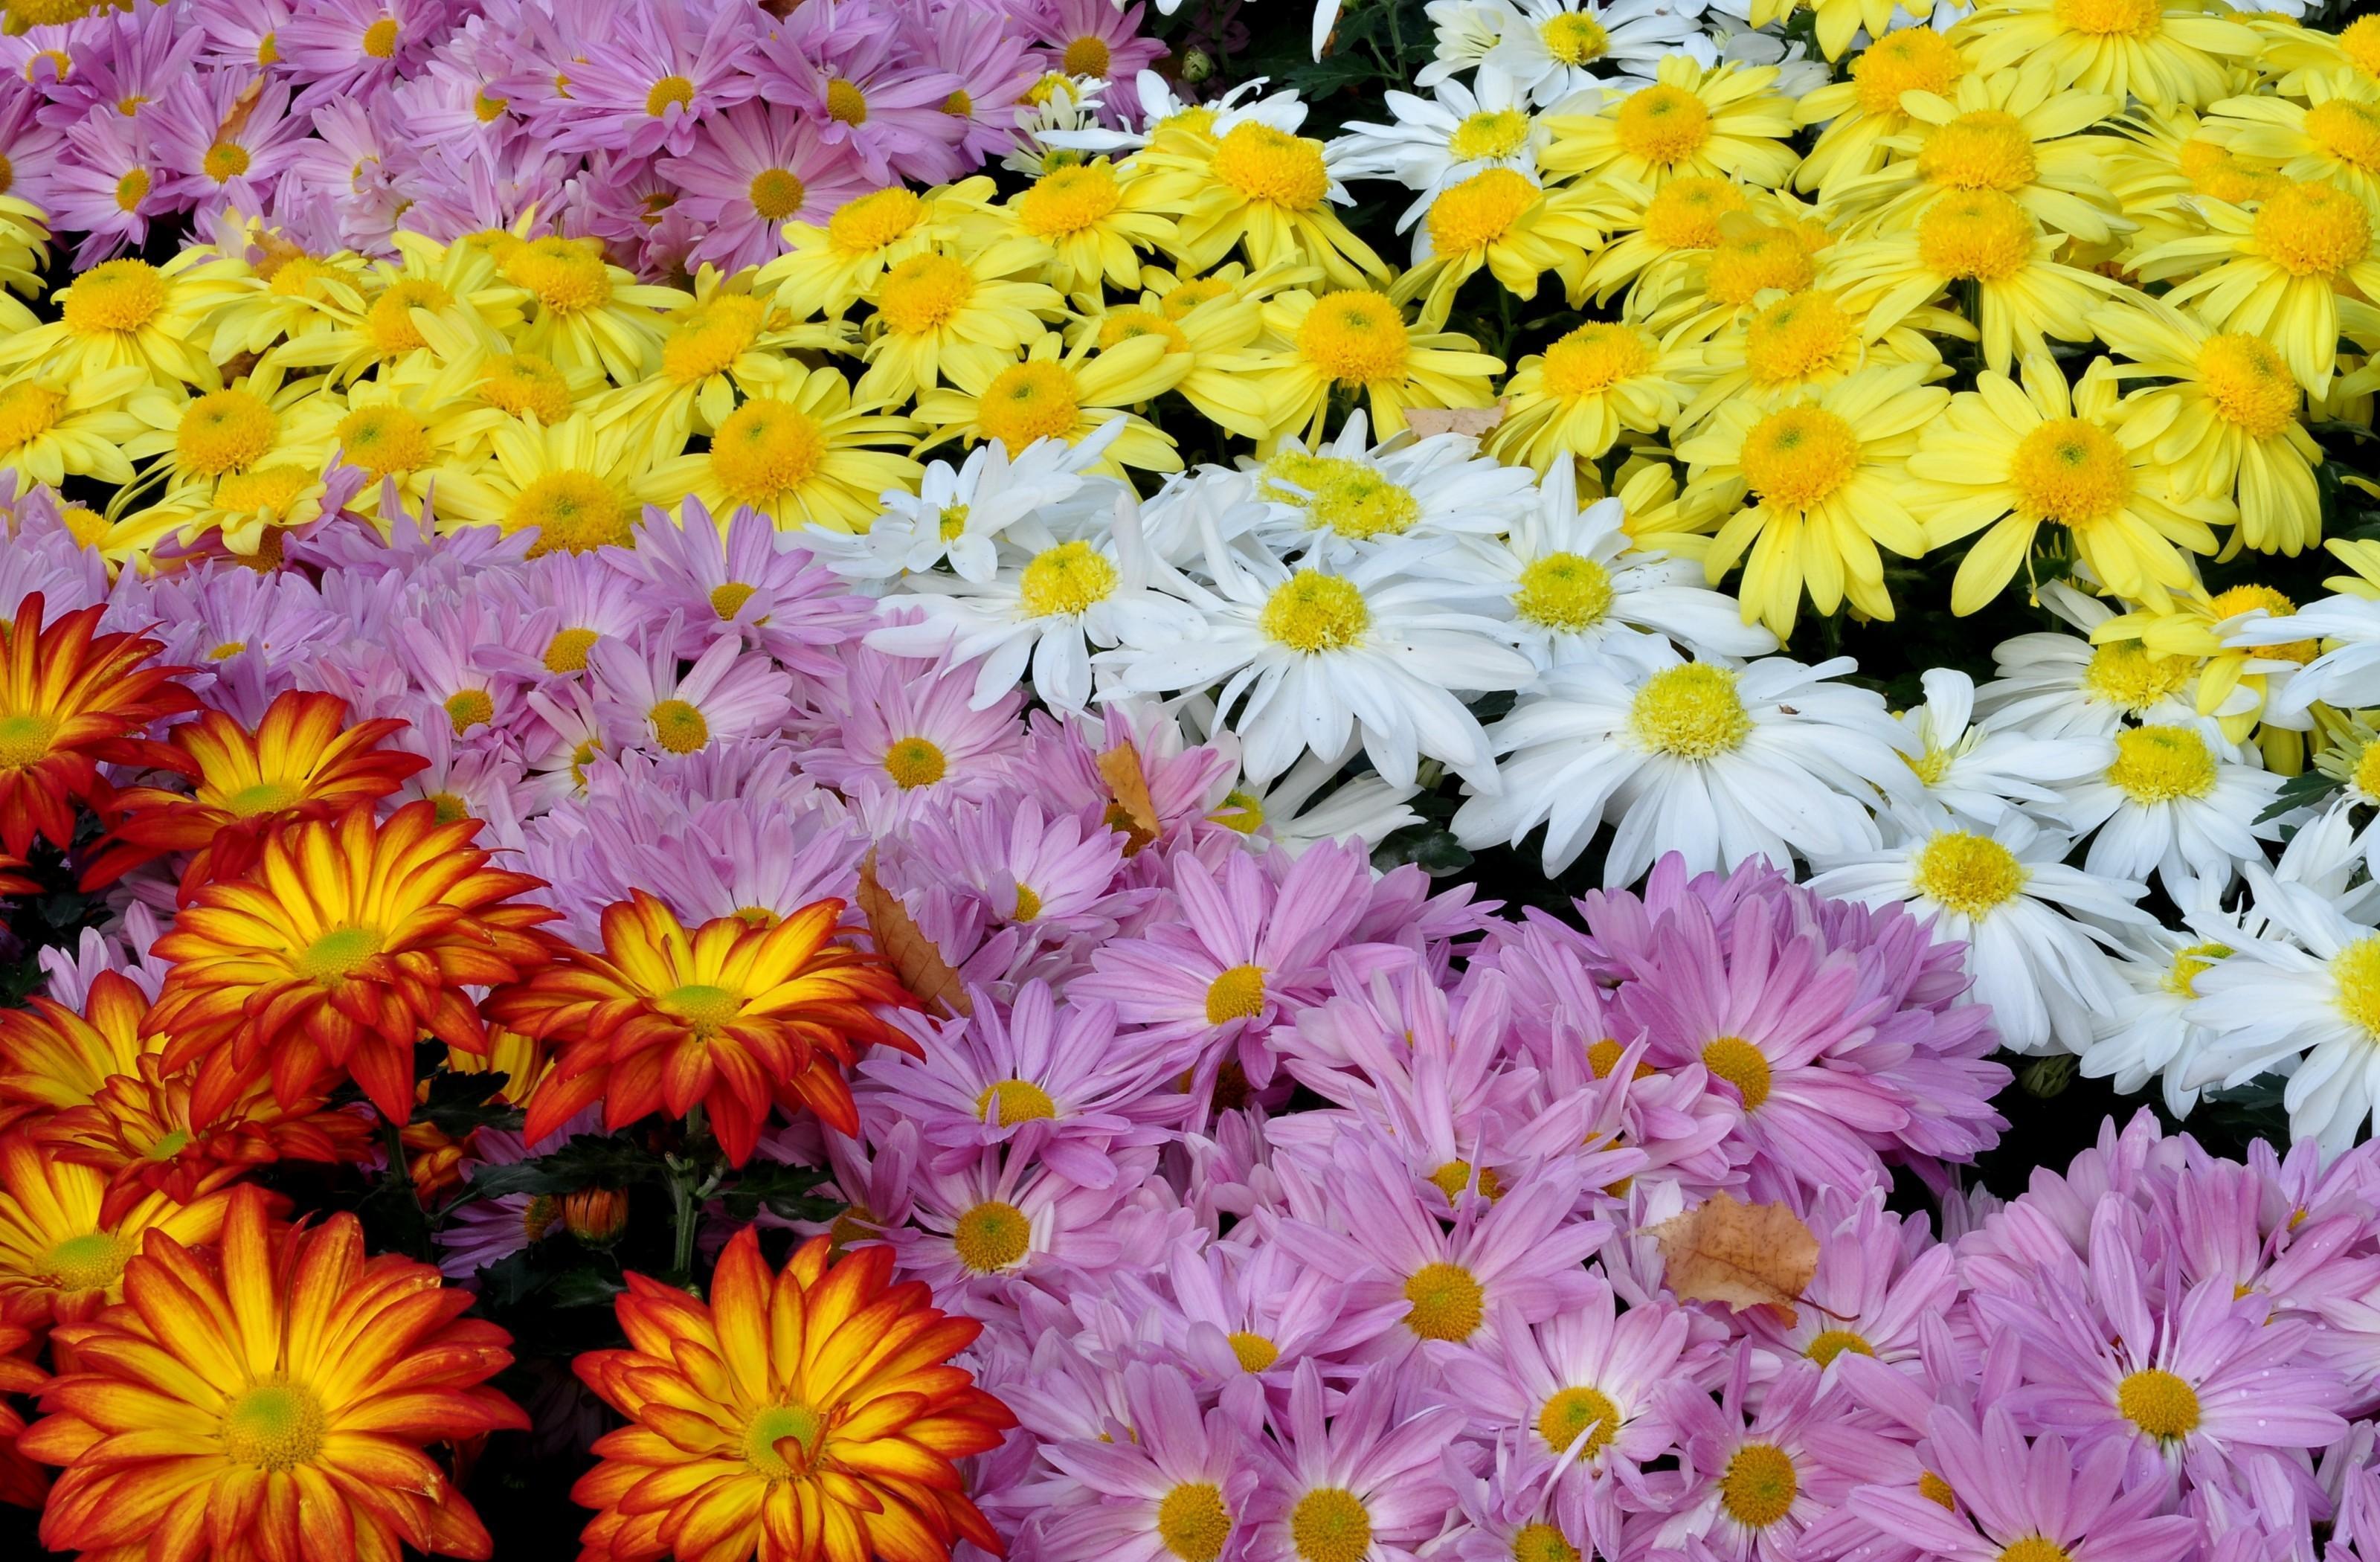 155909 скачать обои Цветы, Яркие, Разнообразие, Множество, Хризантемы - заставки и картинки бесплатно